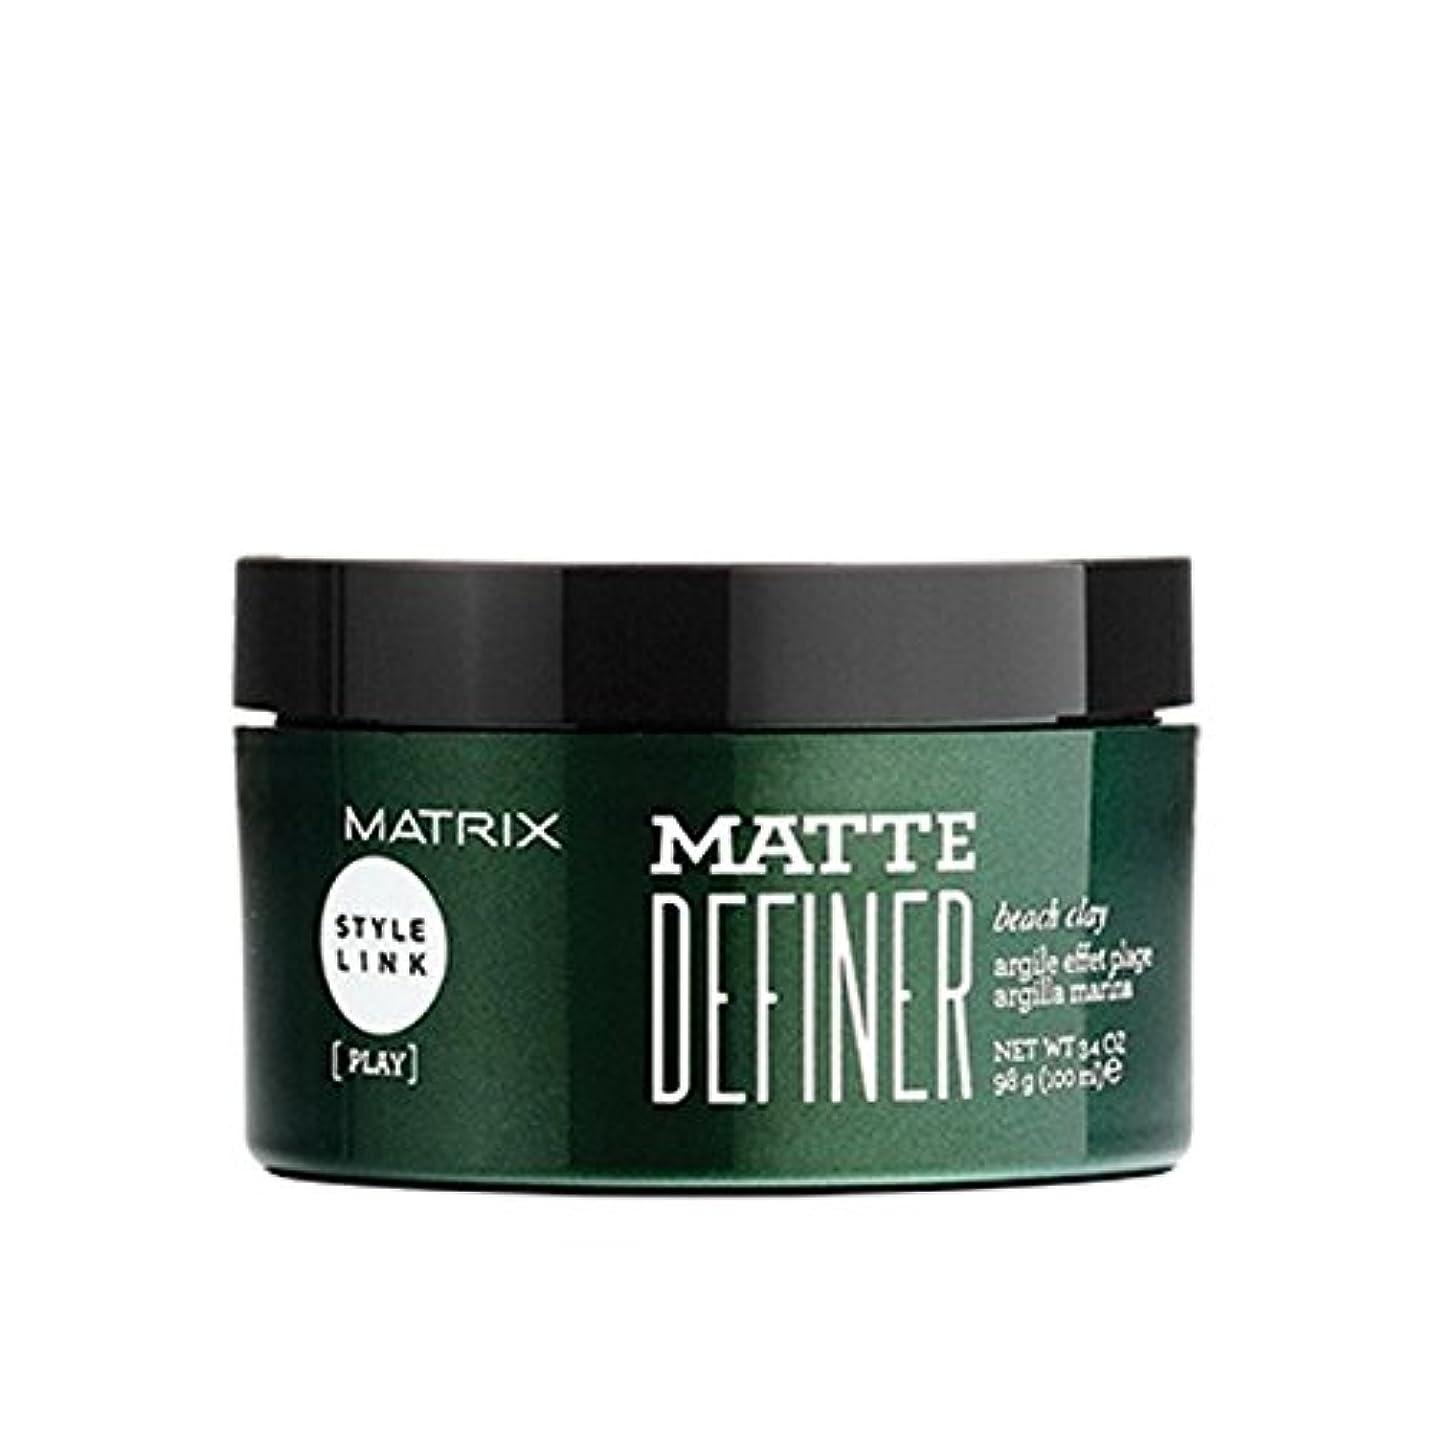 無声で損傷講師Matrix Biolage Style Link Matte Definer Beach Clay (Pack of 6) - マトリックスバイオレイジスタイルリンクマット定義ビーチ粘土 x6 [並行輸入品]